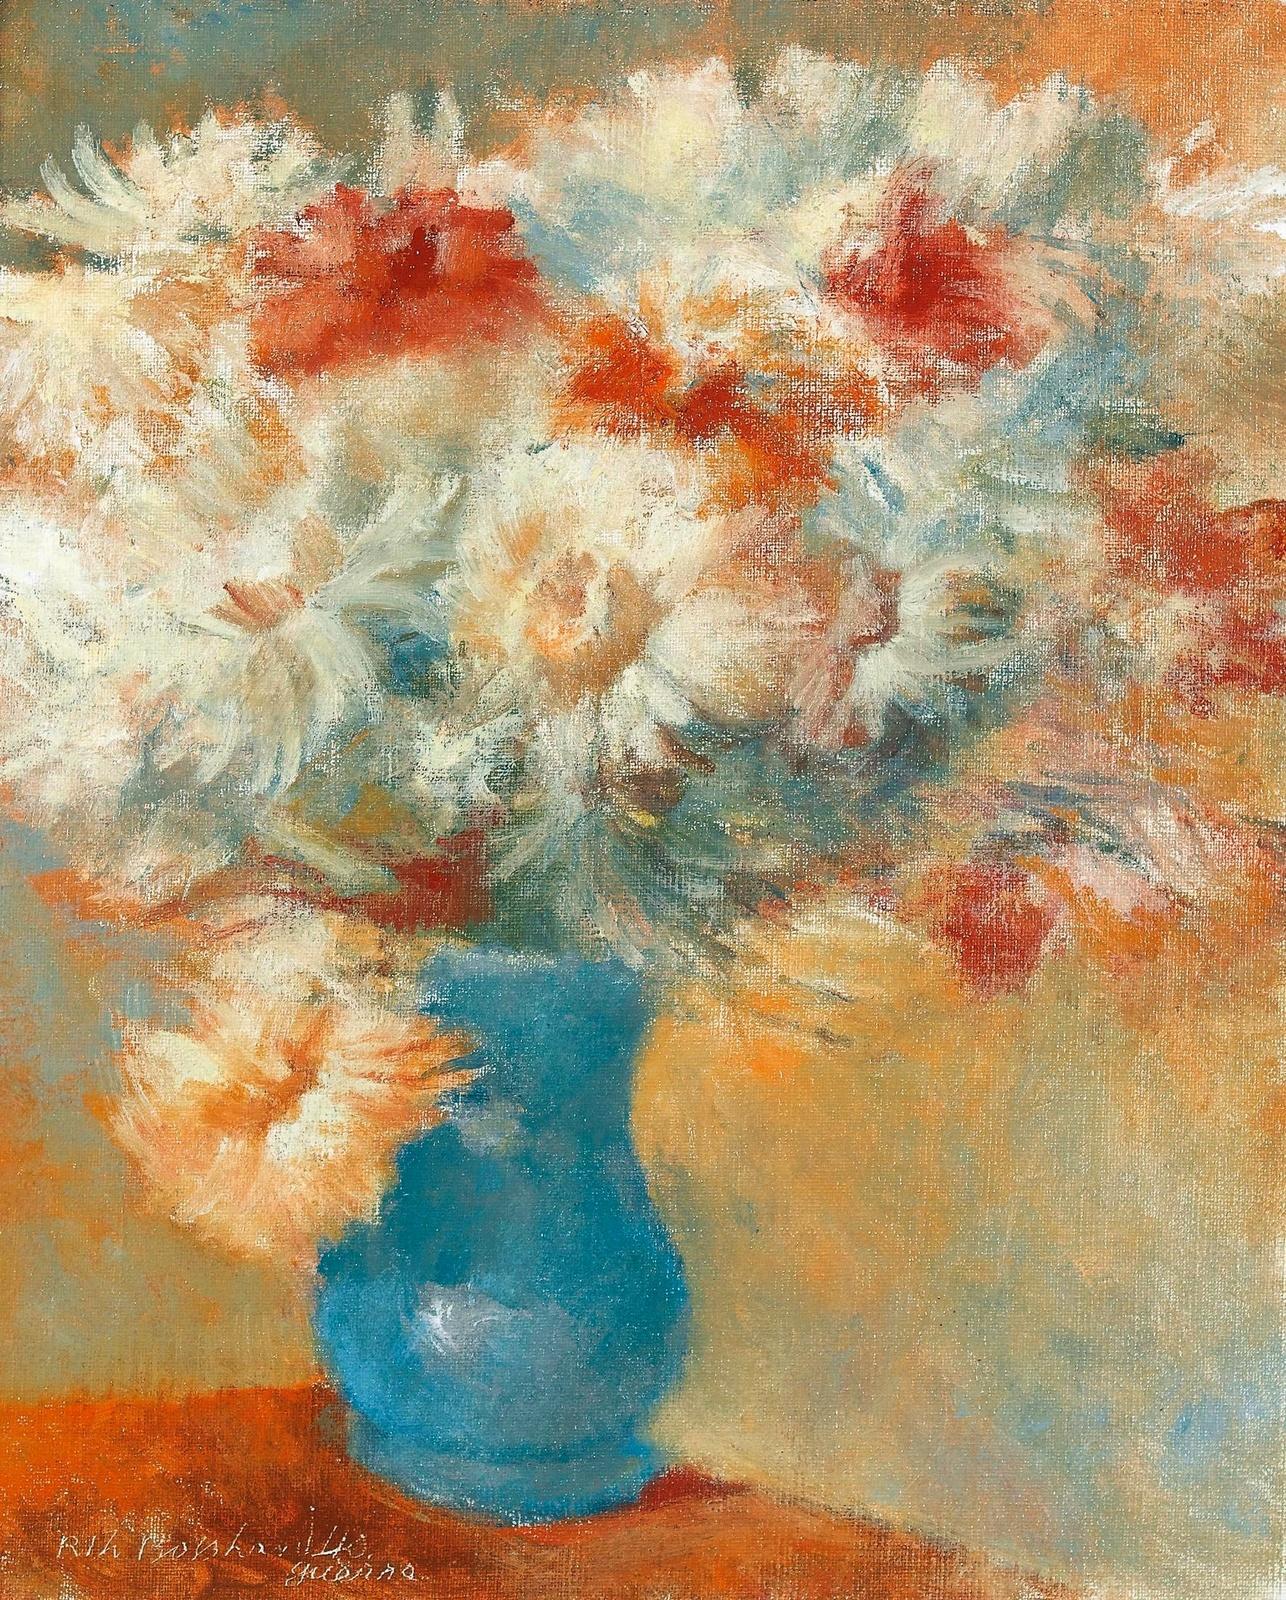 1940_Хризантемы (Chrysanthemes)_46 х 38_х.,м._Частное собрание.jpg